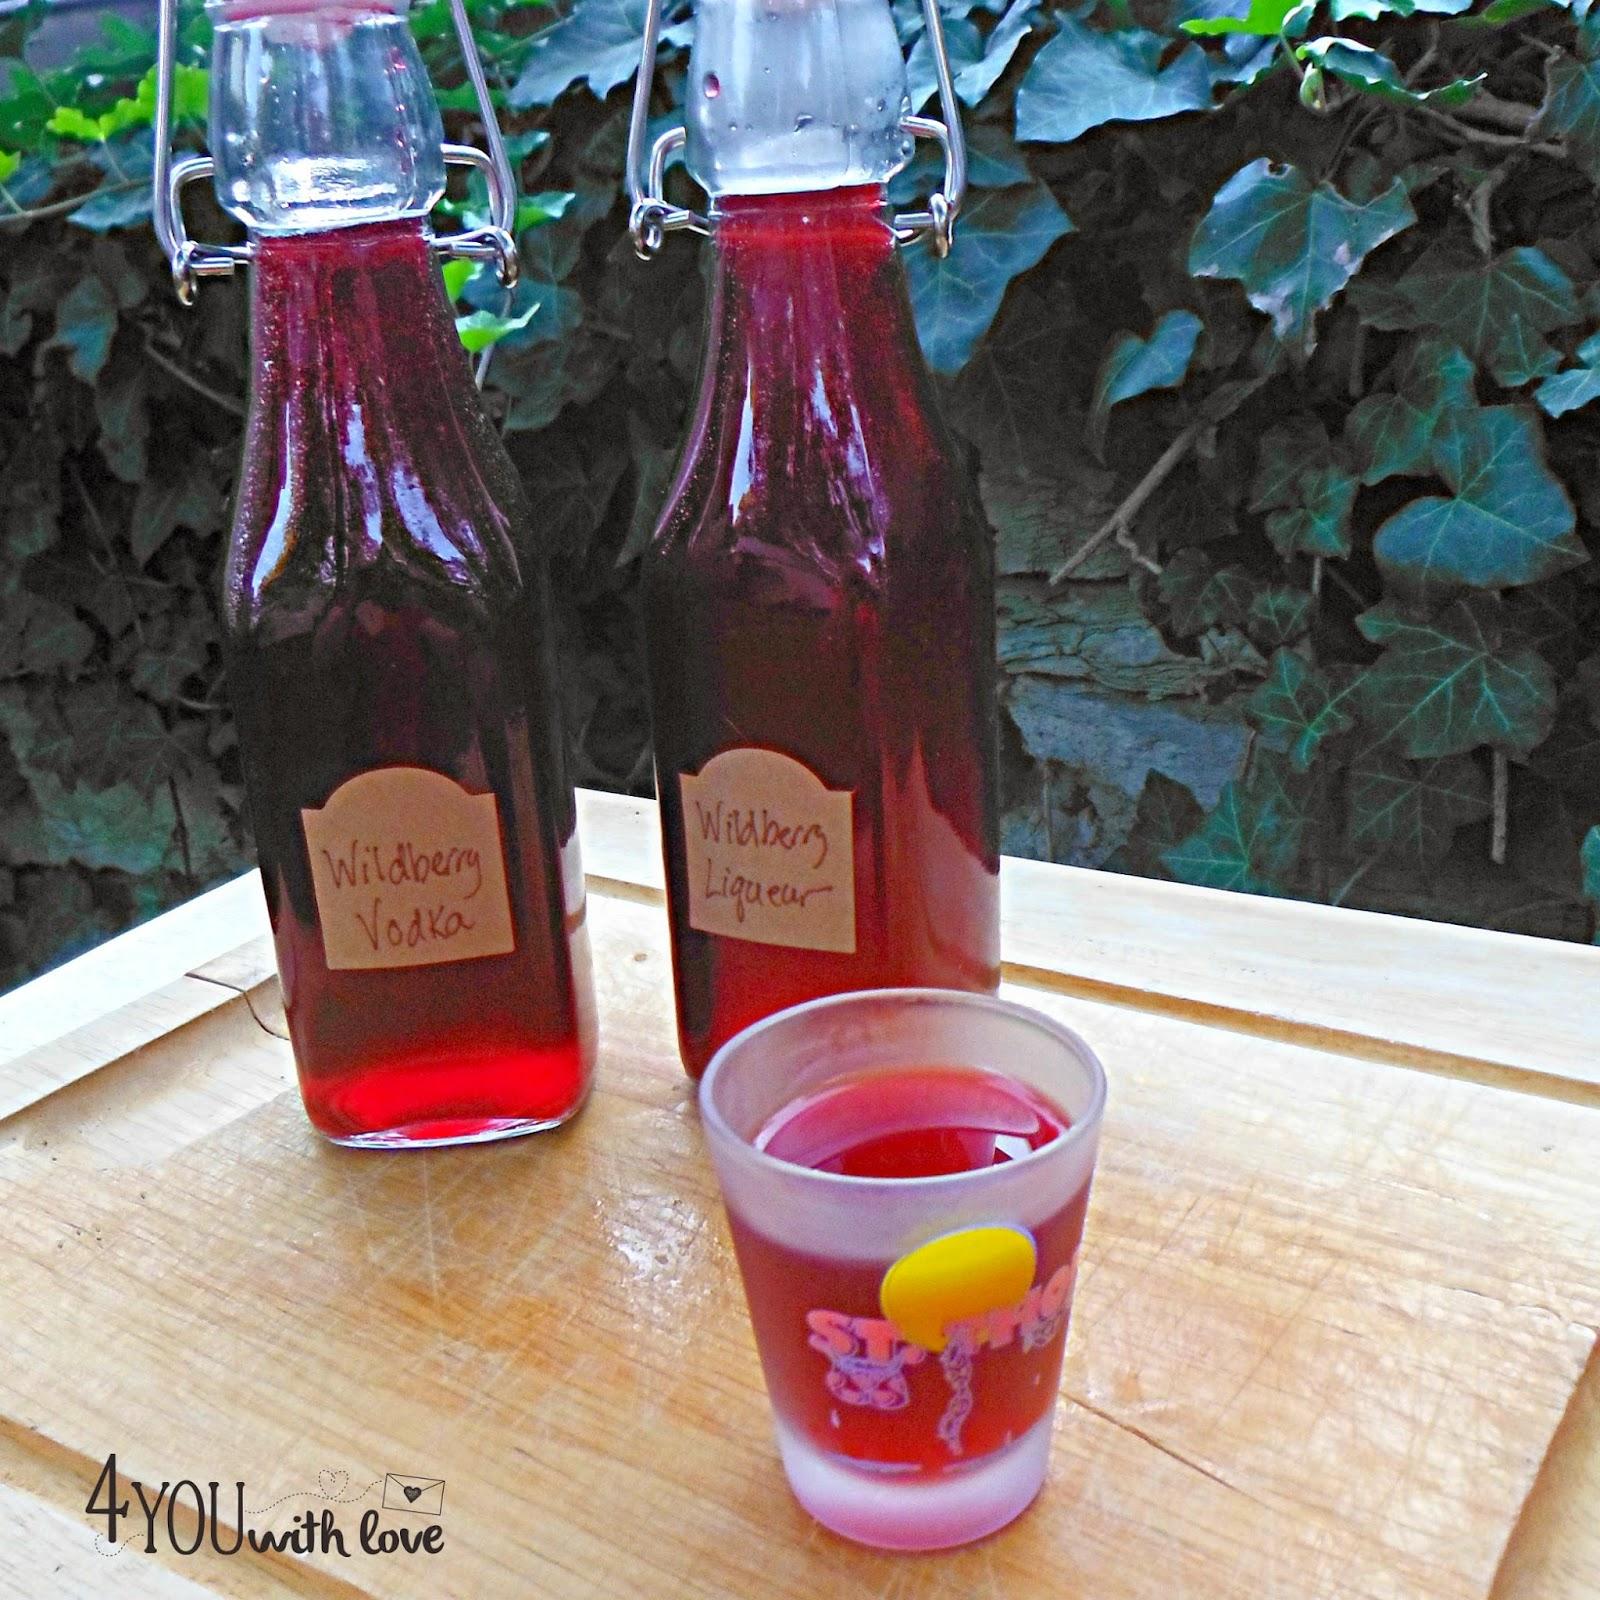 DIY wildberry liqueur